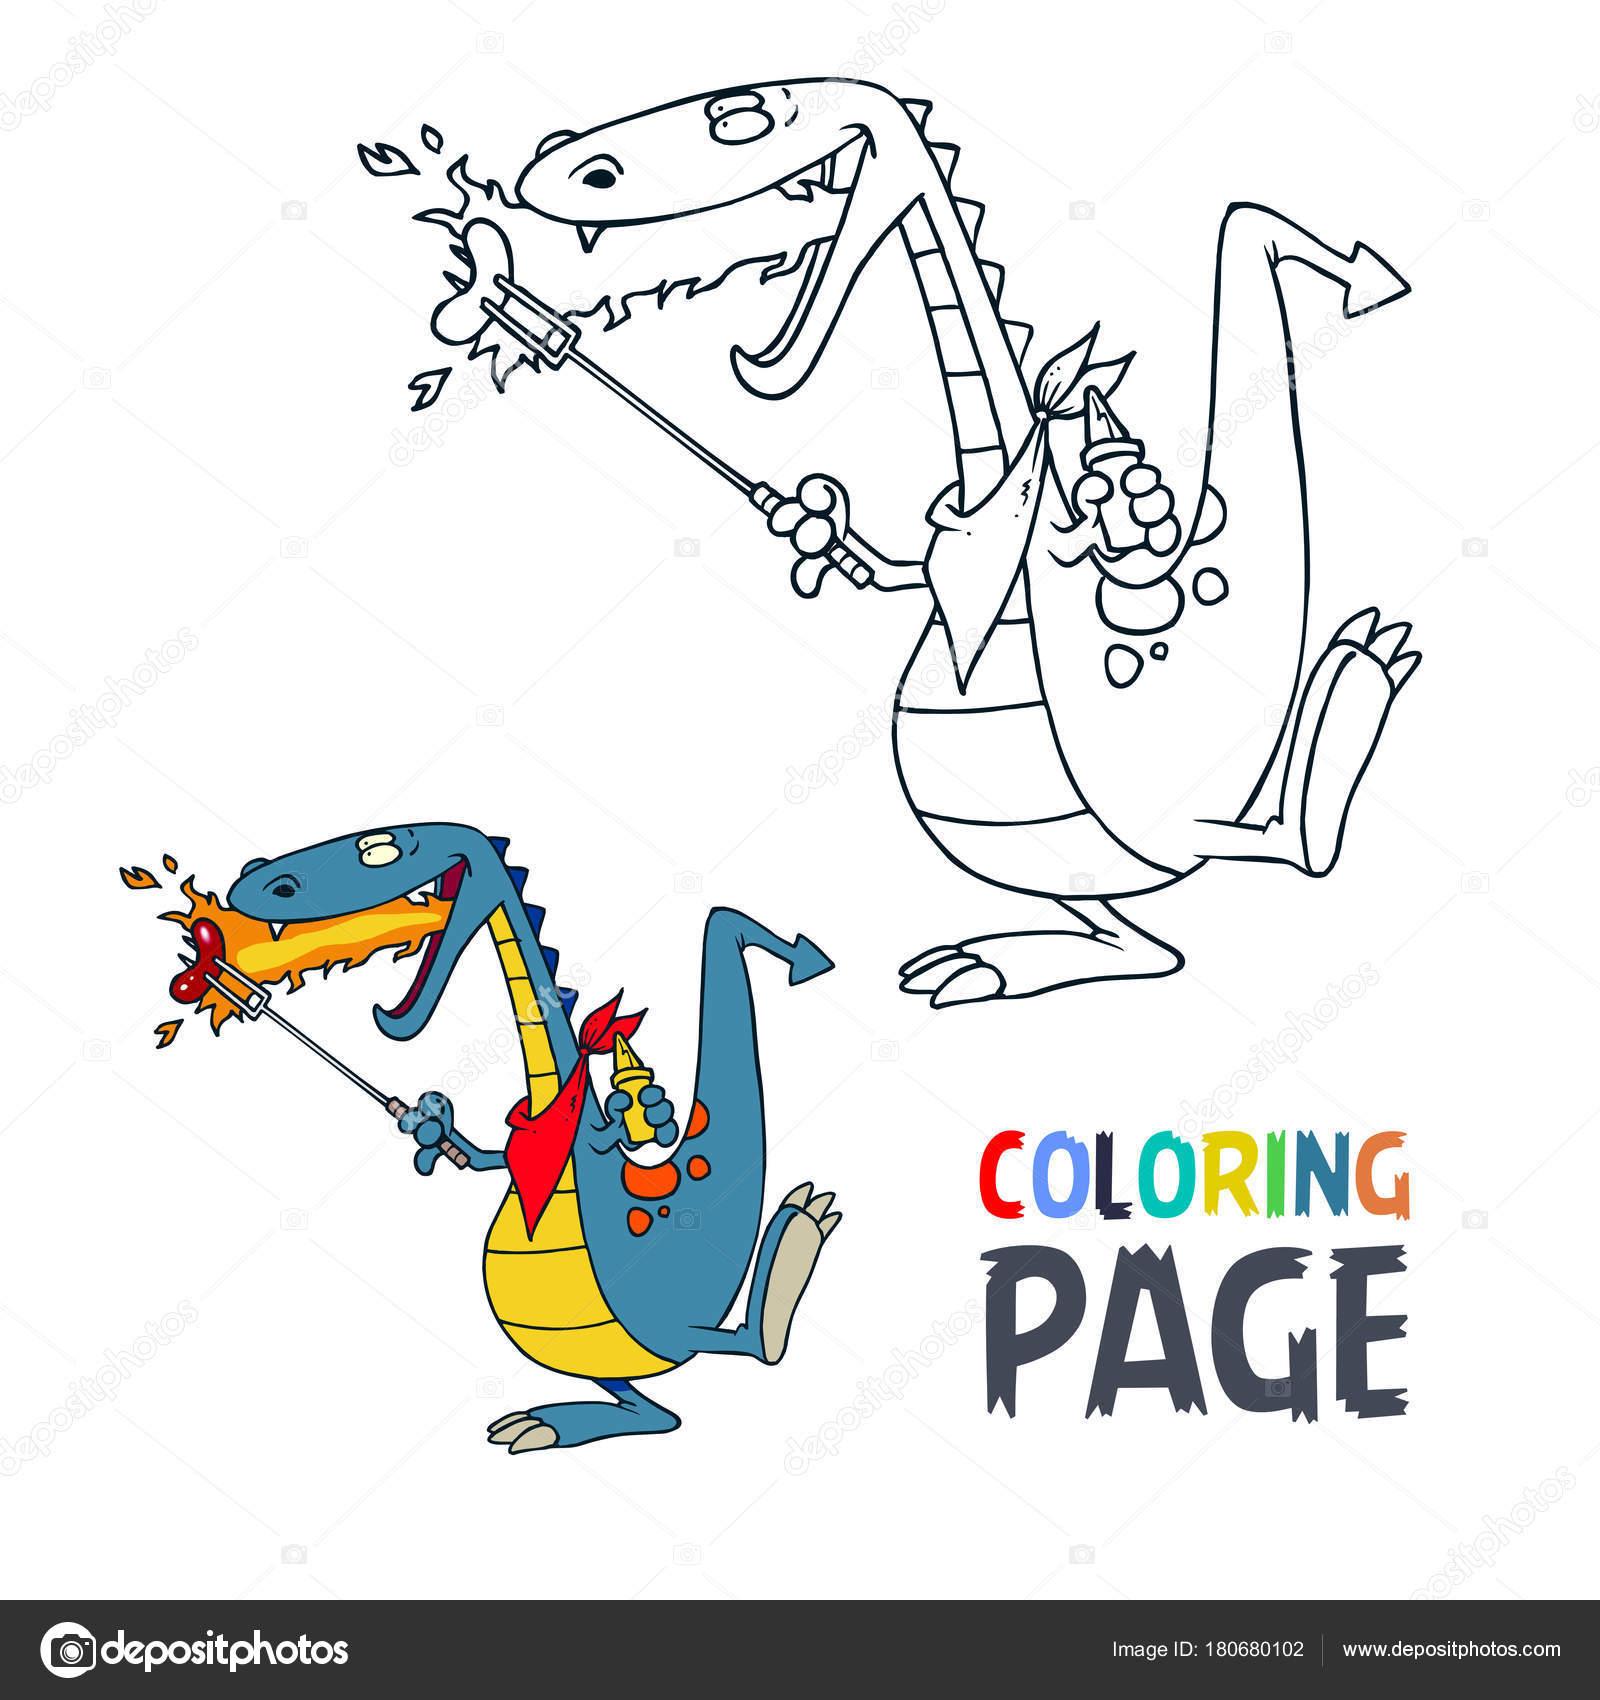 Malvorlagen Dinosaurier cartoon — Stockvektor © oriu007 #180680102